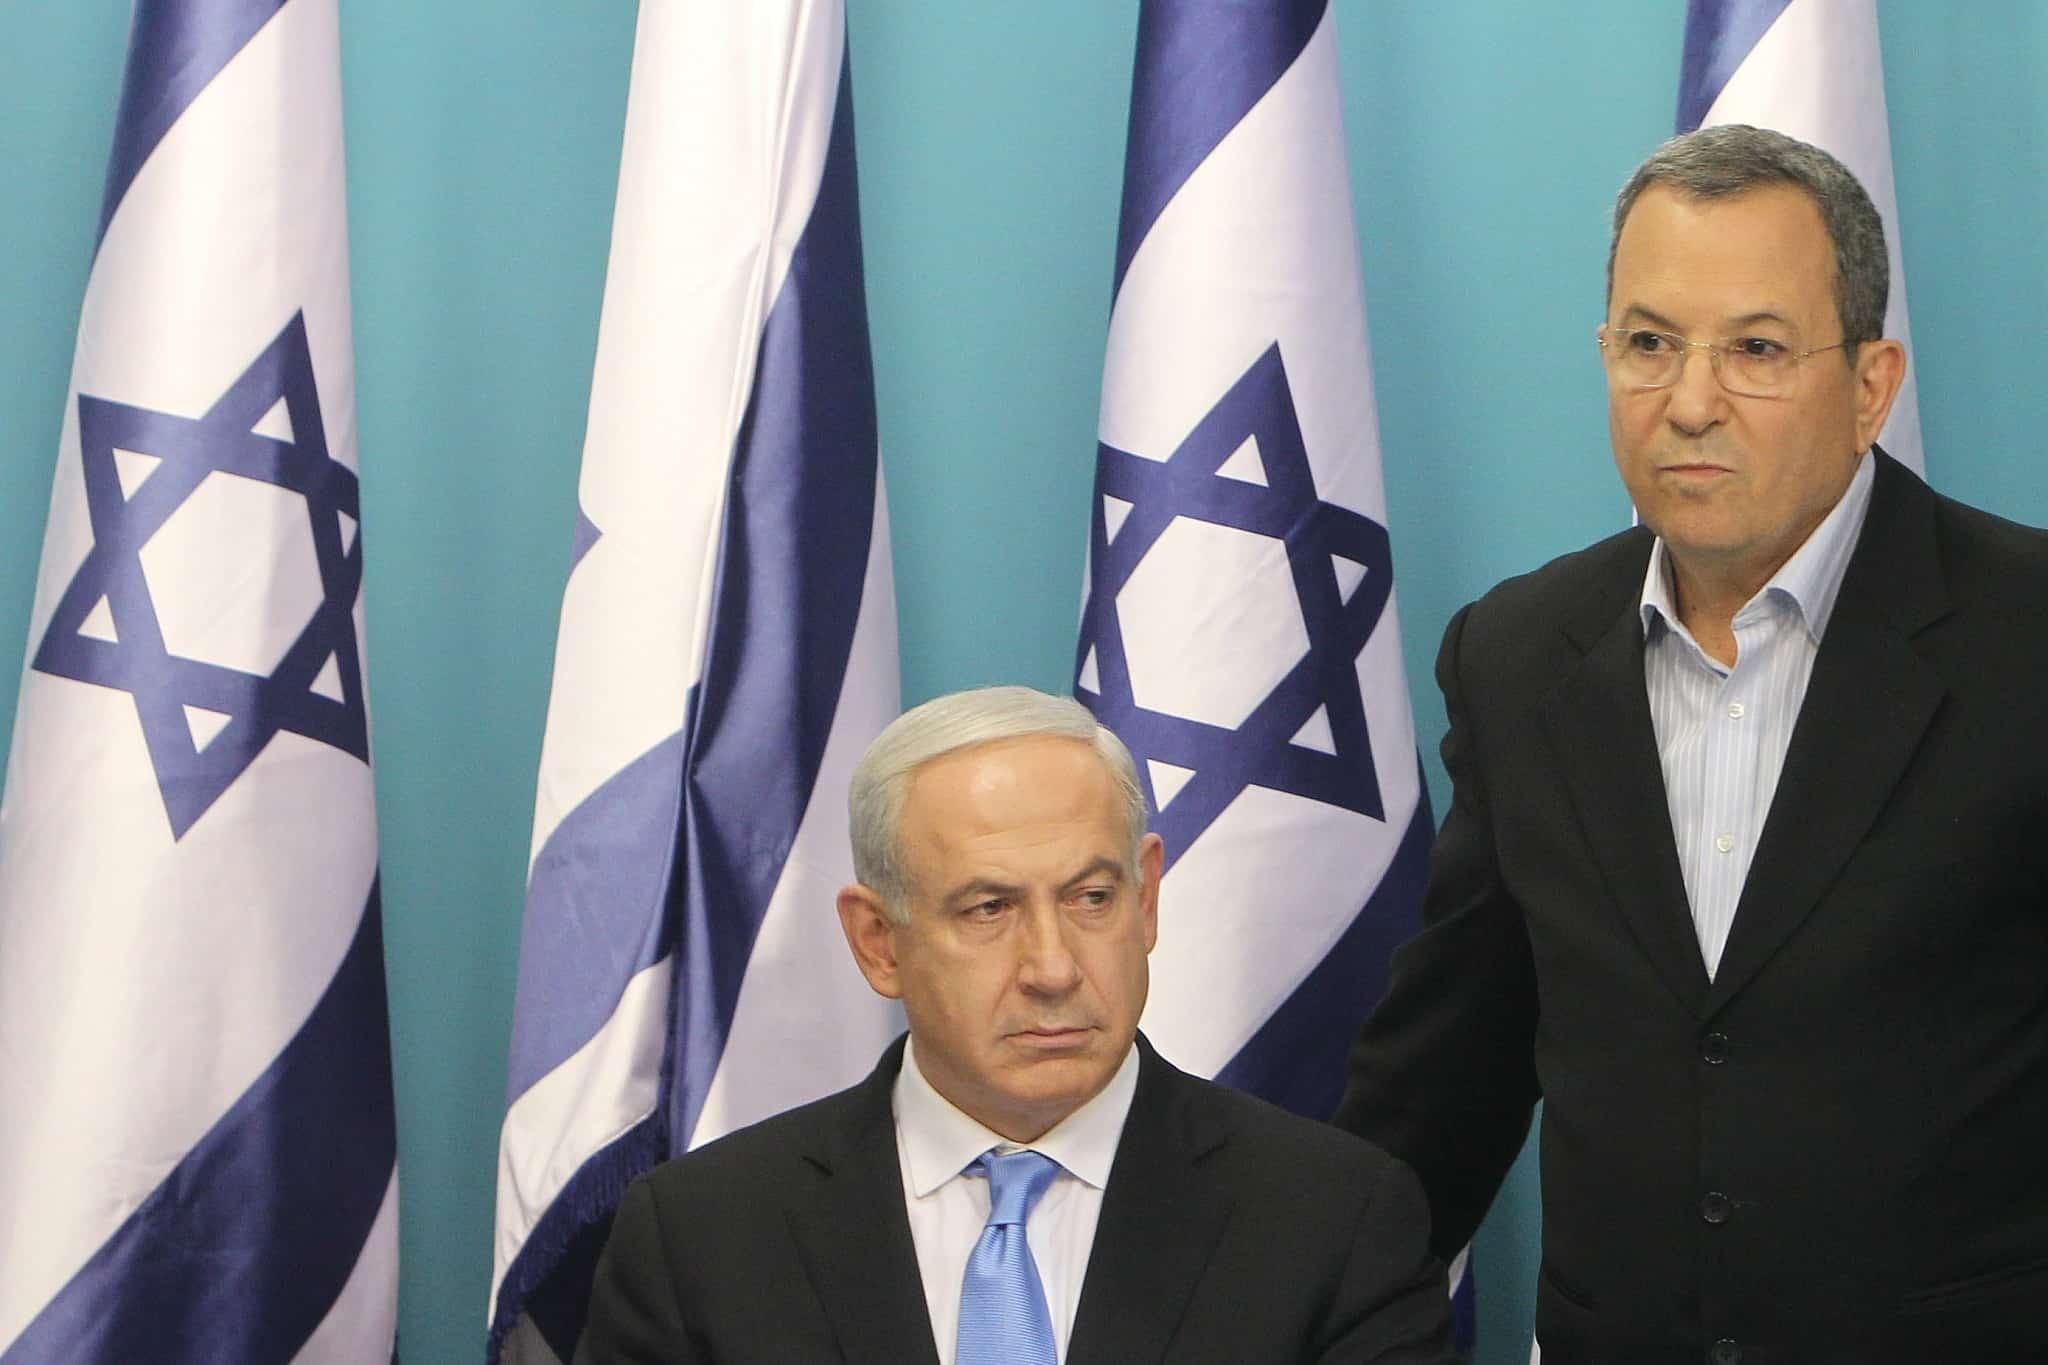 אהוד ברק (אז שר הבטחון) ובנימין נתניהו, ב-2012 (צילום: מרים אלסטר/פלאש90)